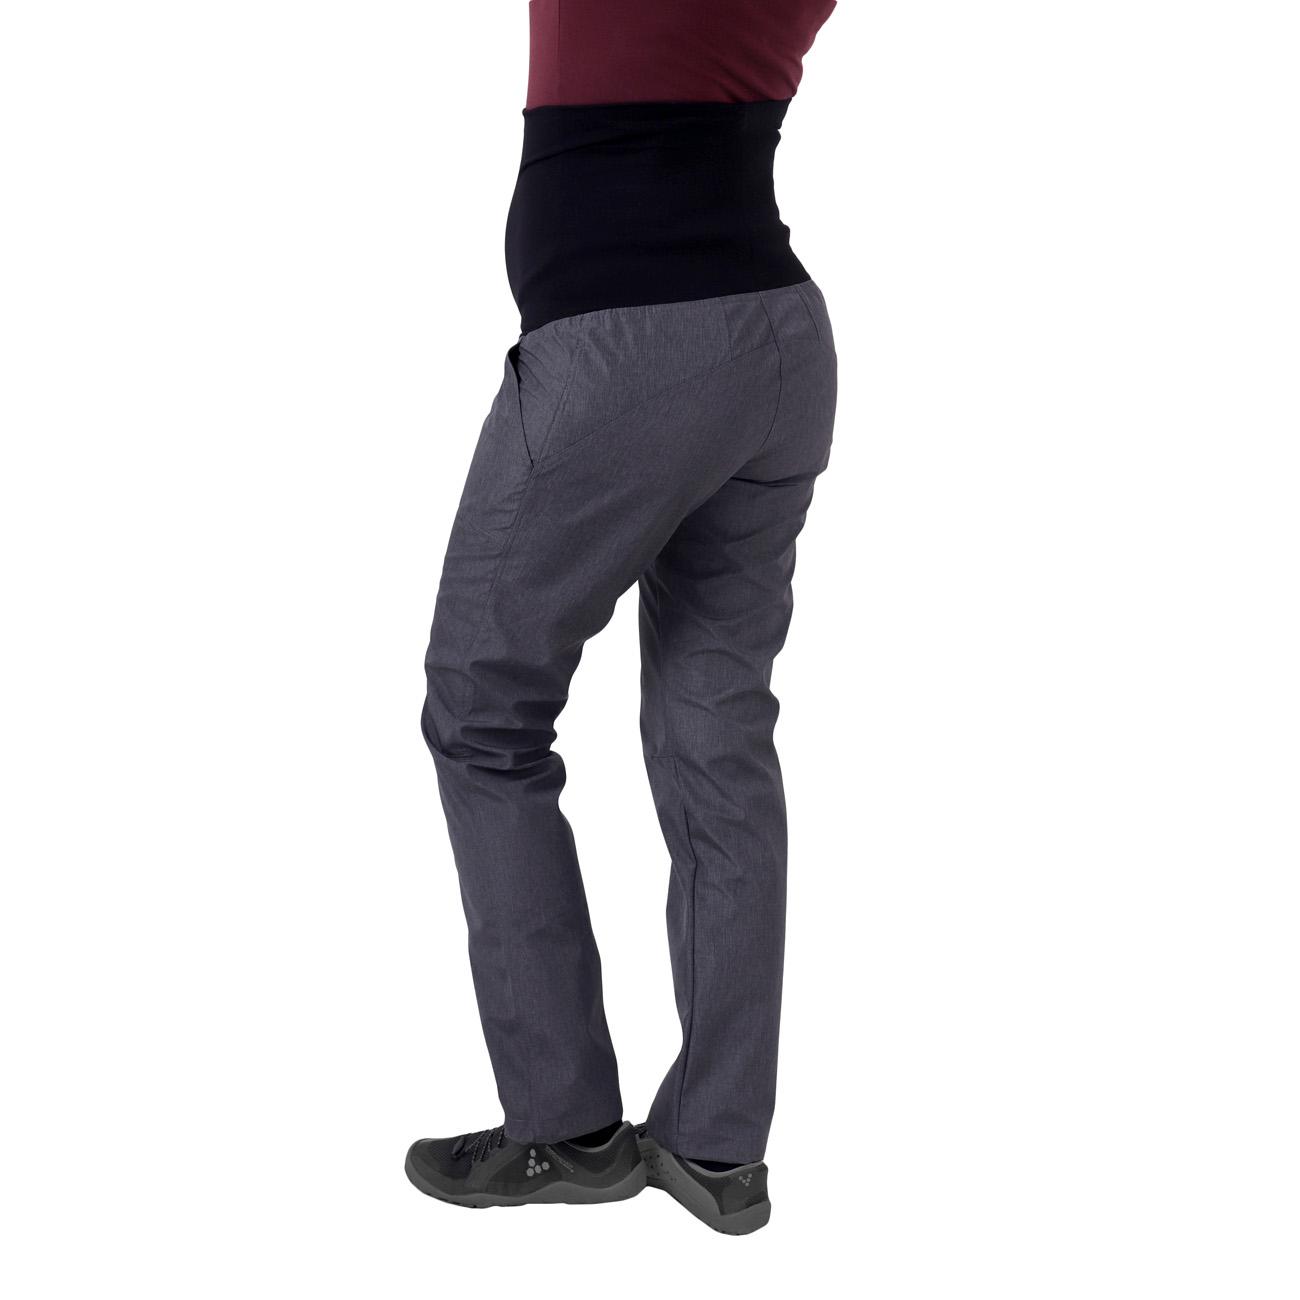 Jarní/letní těhotenské softshellové kalhoty liva, šedý melír, 46 zkrácená délka